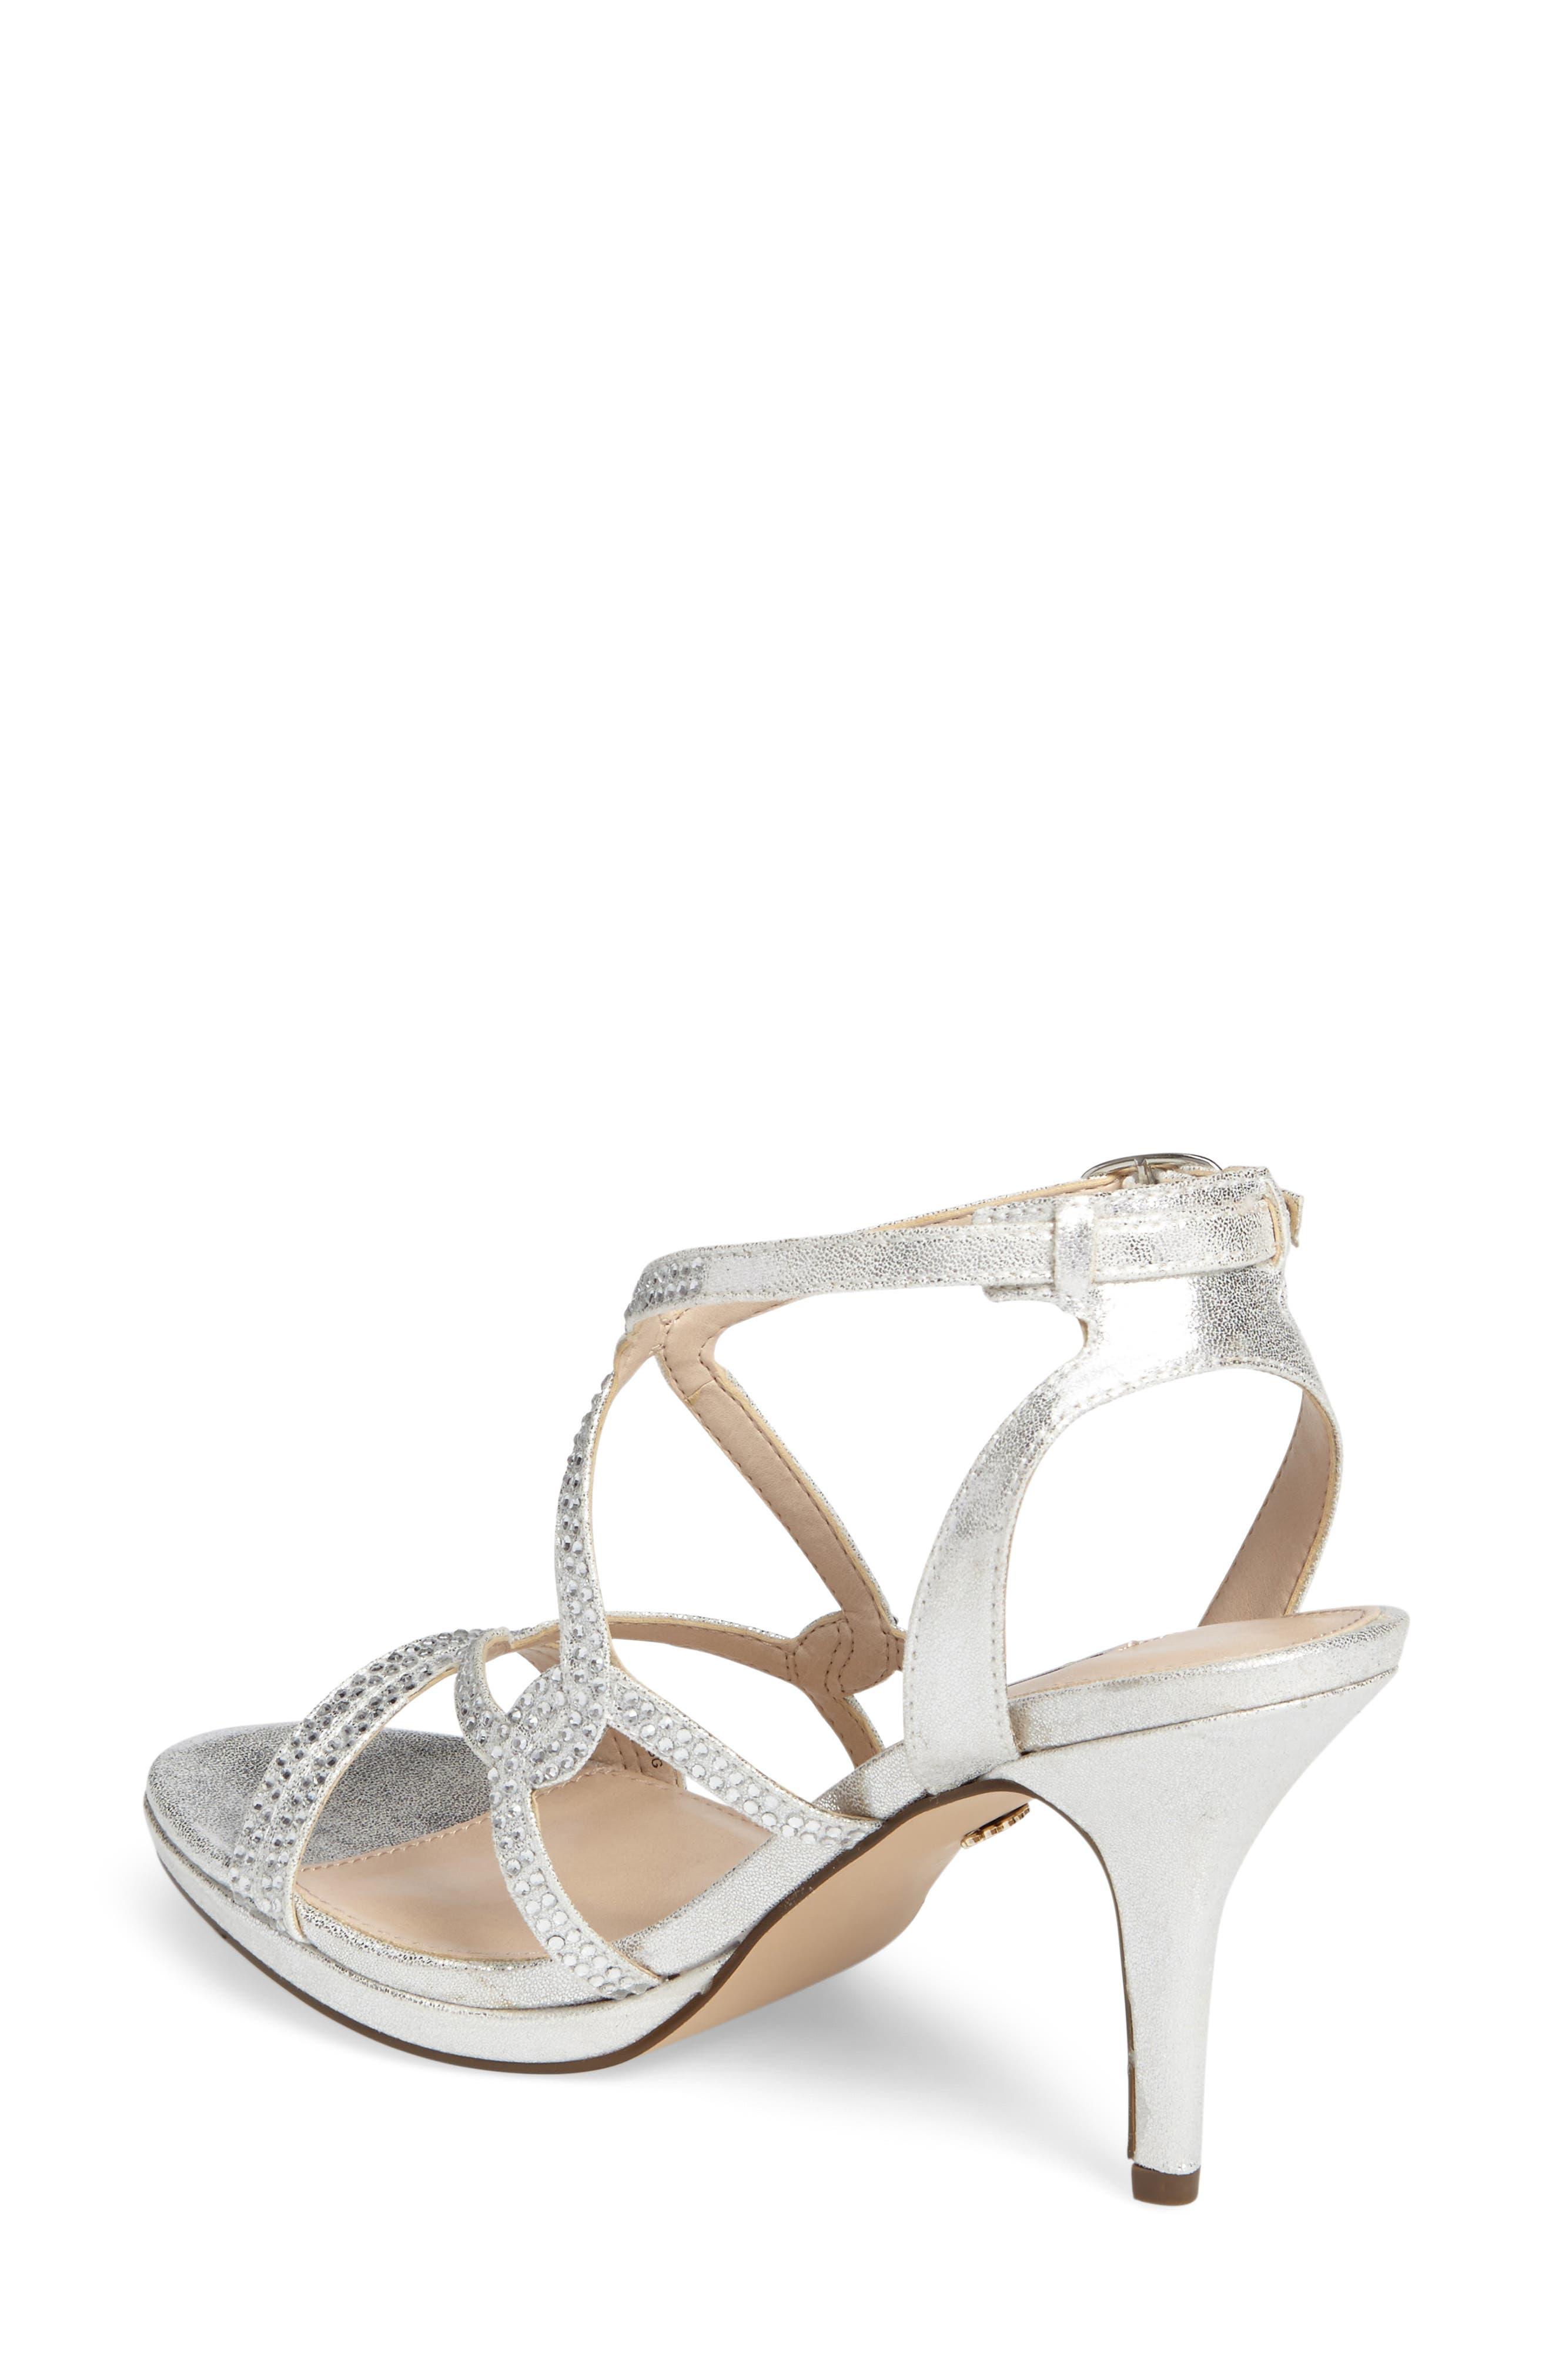 Varsha Crystal Embellished Evening Sandal,                             Alternate thumbnail 3, color,                             SILVER FAUX SUEDE